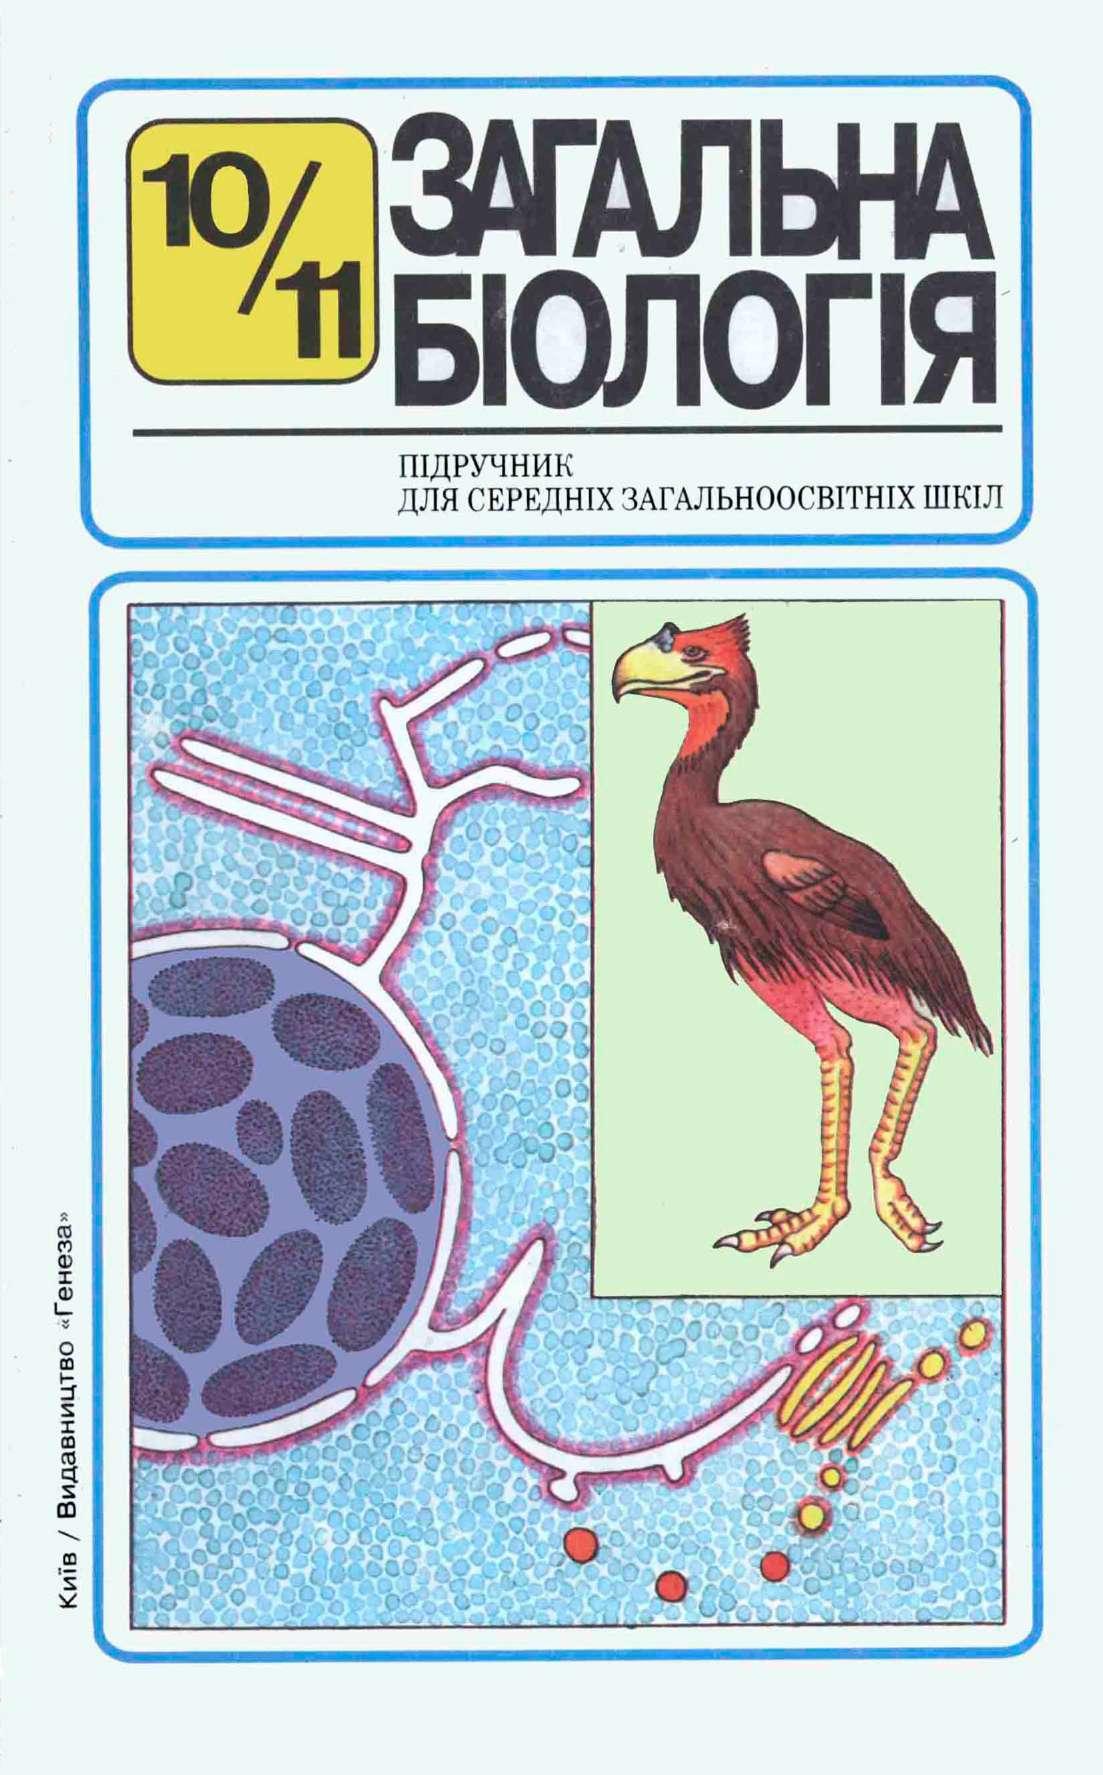 Загальна біологія 11 клас кучеренко підручник.